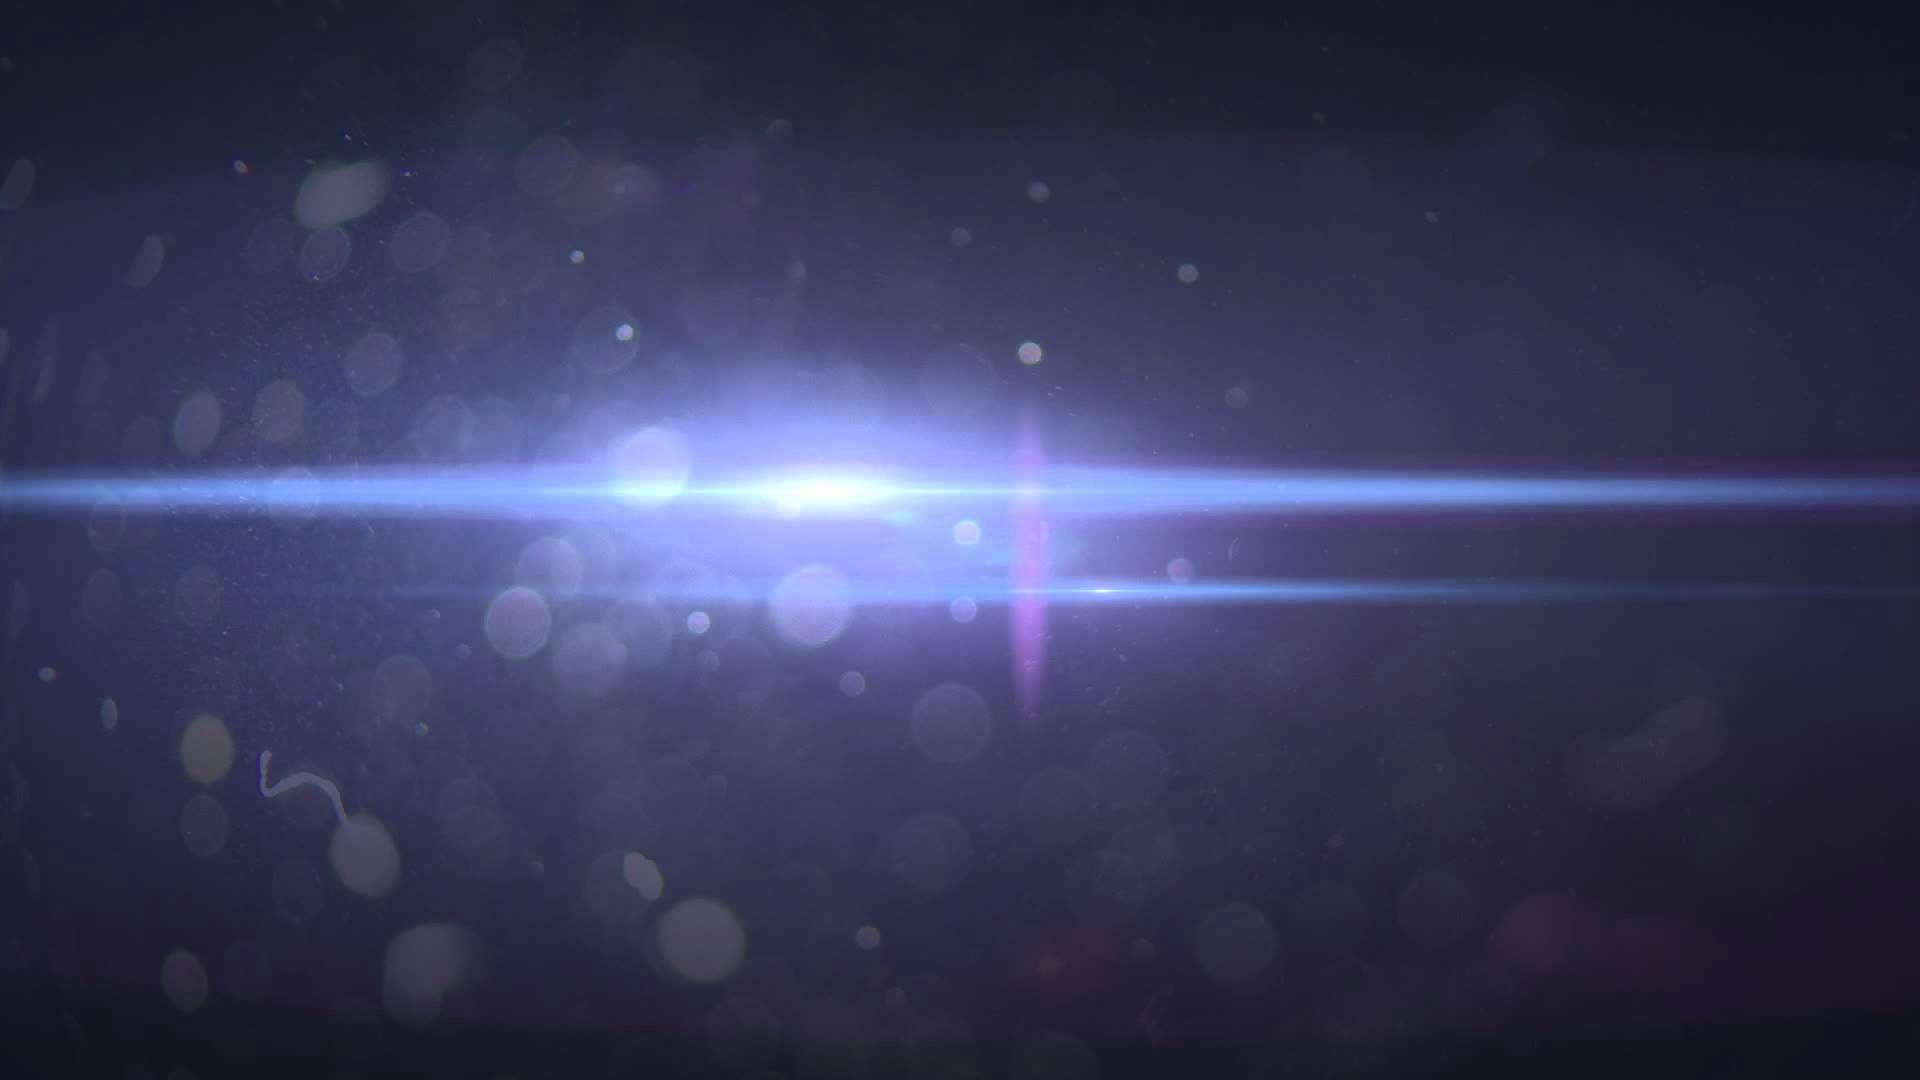 anamorphic lens flare, glare in 2019.